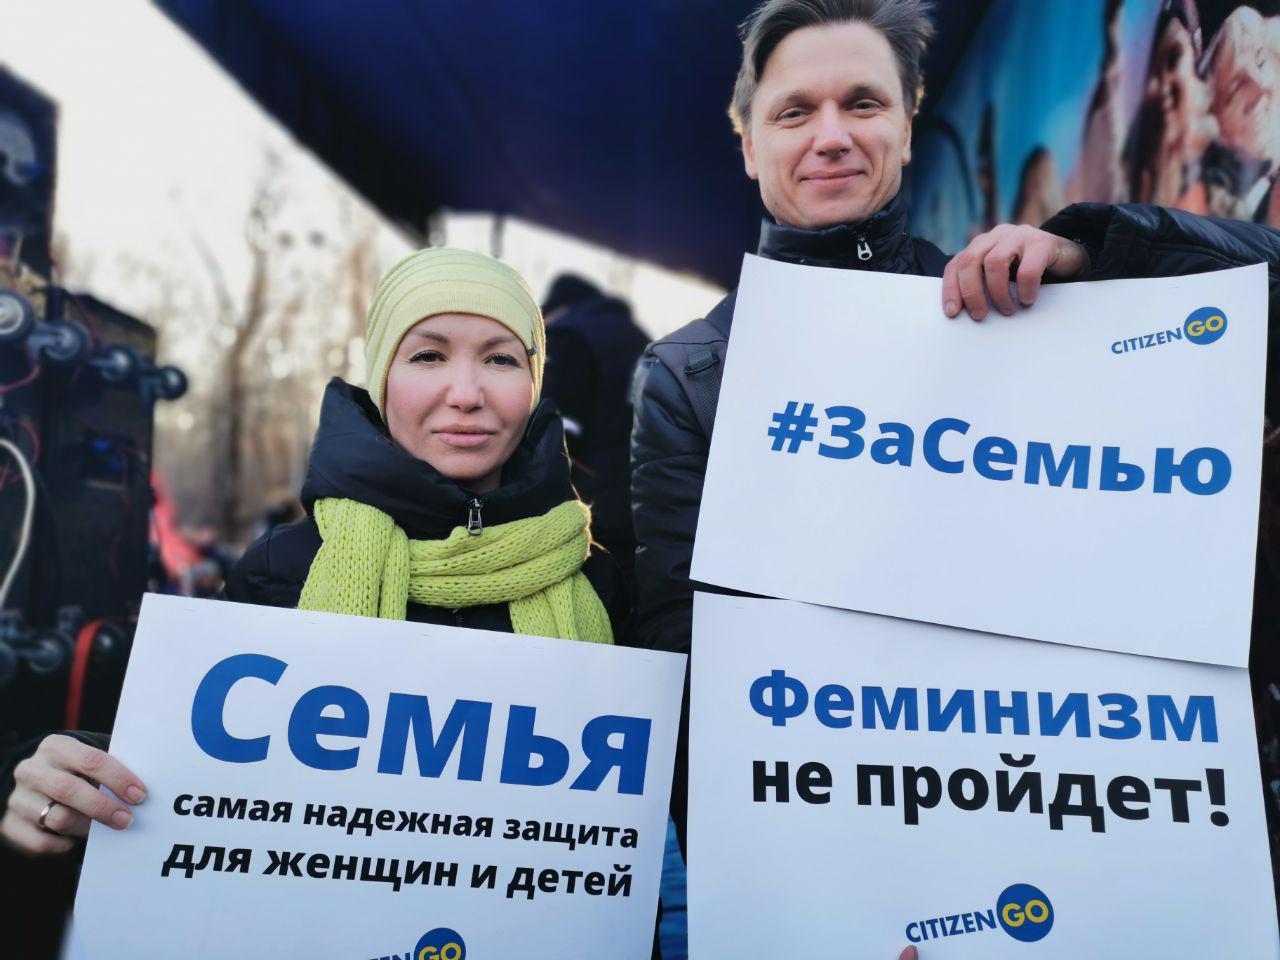 В 30 городах нашей страны прошли митинги #ЗаСемью!